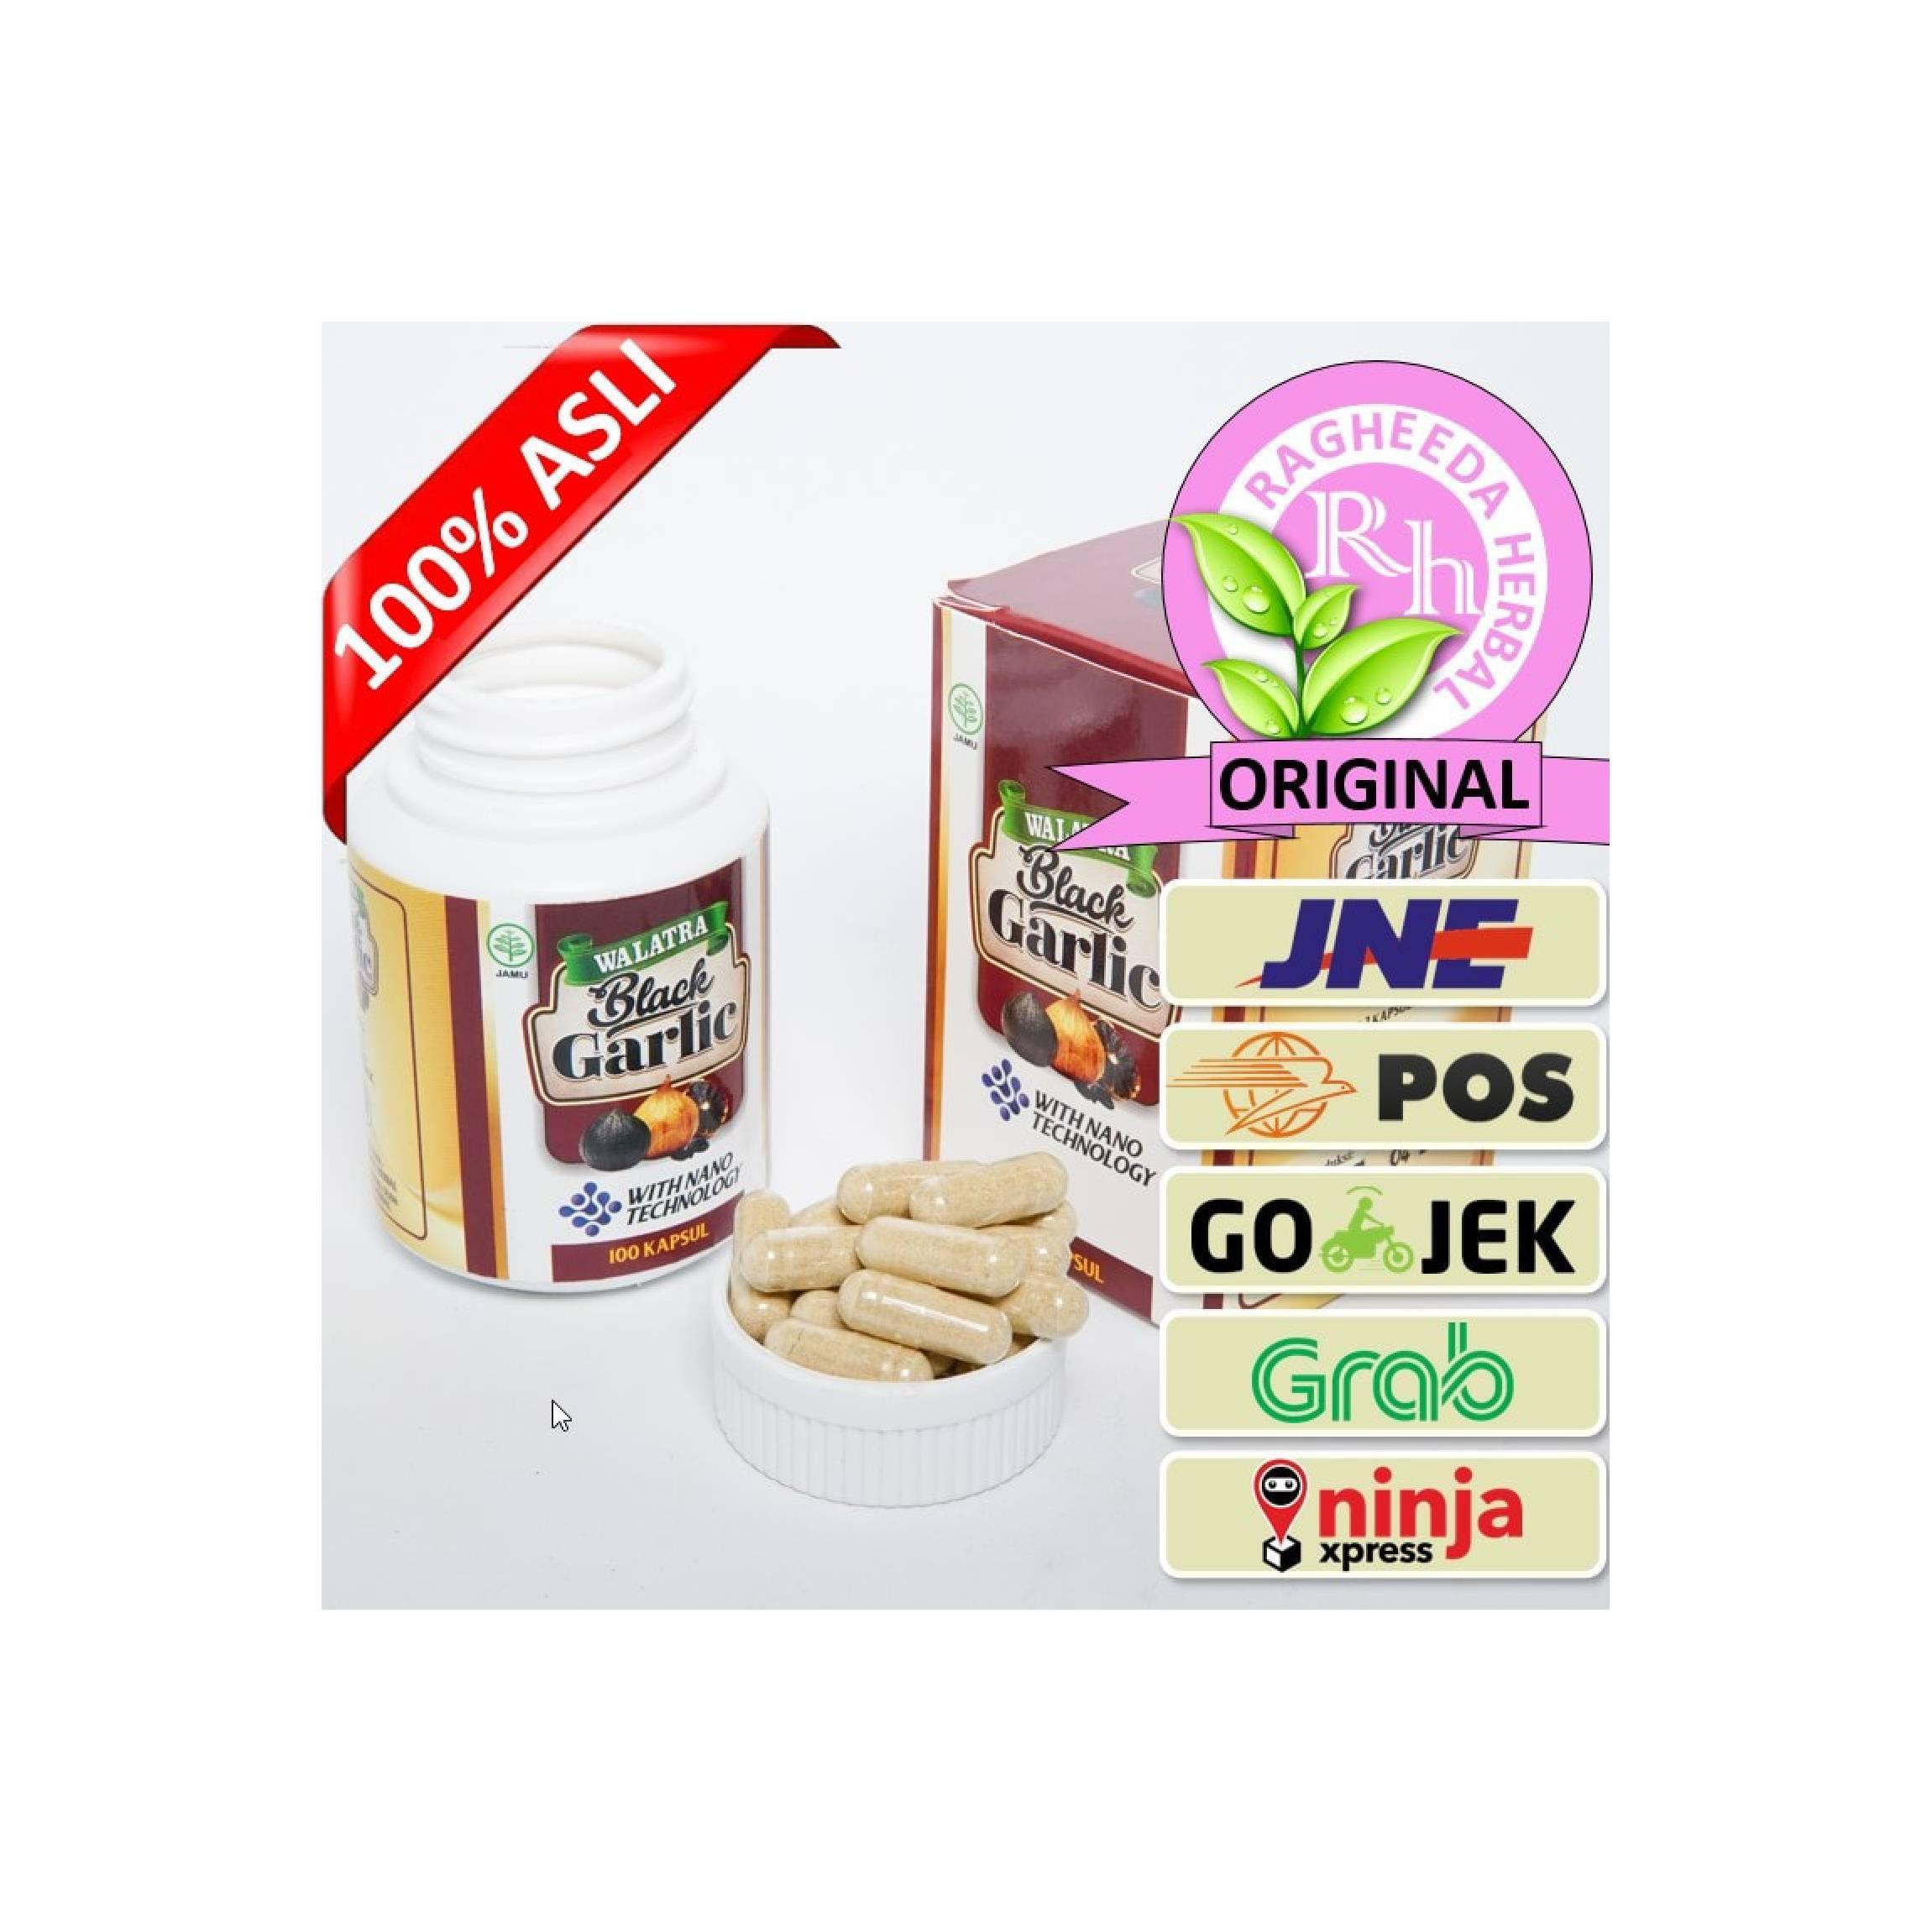 Wbtshop Bawang Hitam Tunggal 500 Gram Harga Terkini Dan Terlengkap Black Garlic Gr Walatra Kapsul 100 Putih Lanang